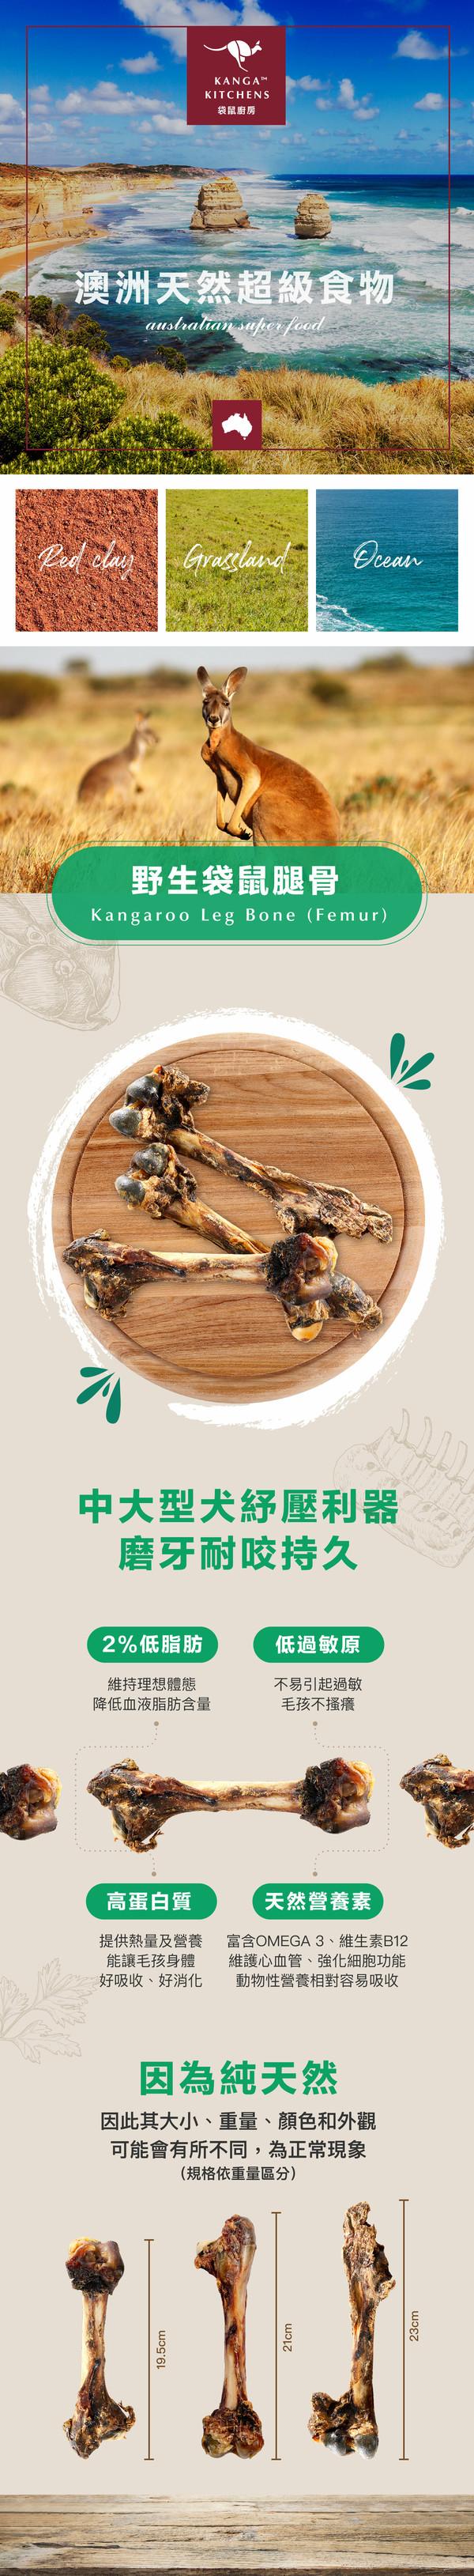 袋鼠廚房【澳洲野生袋鼠腿骨】165g